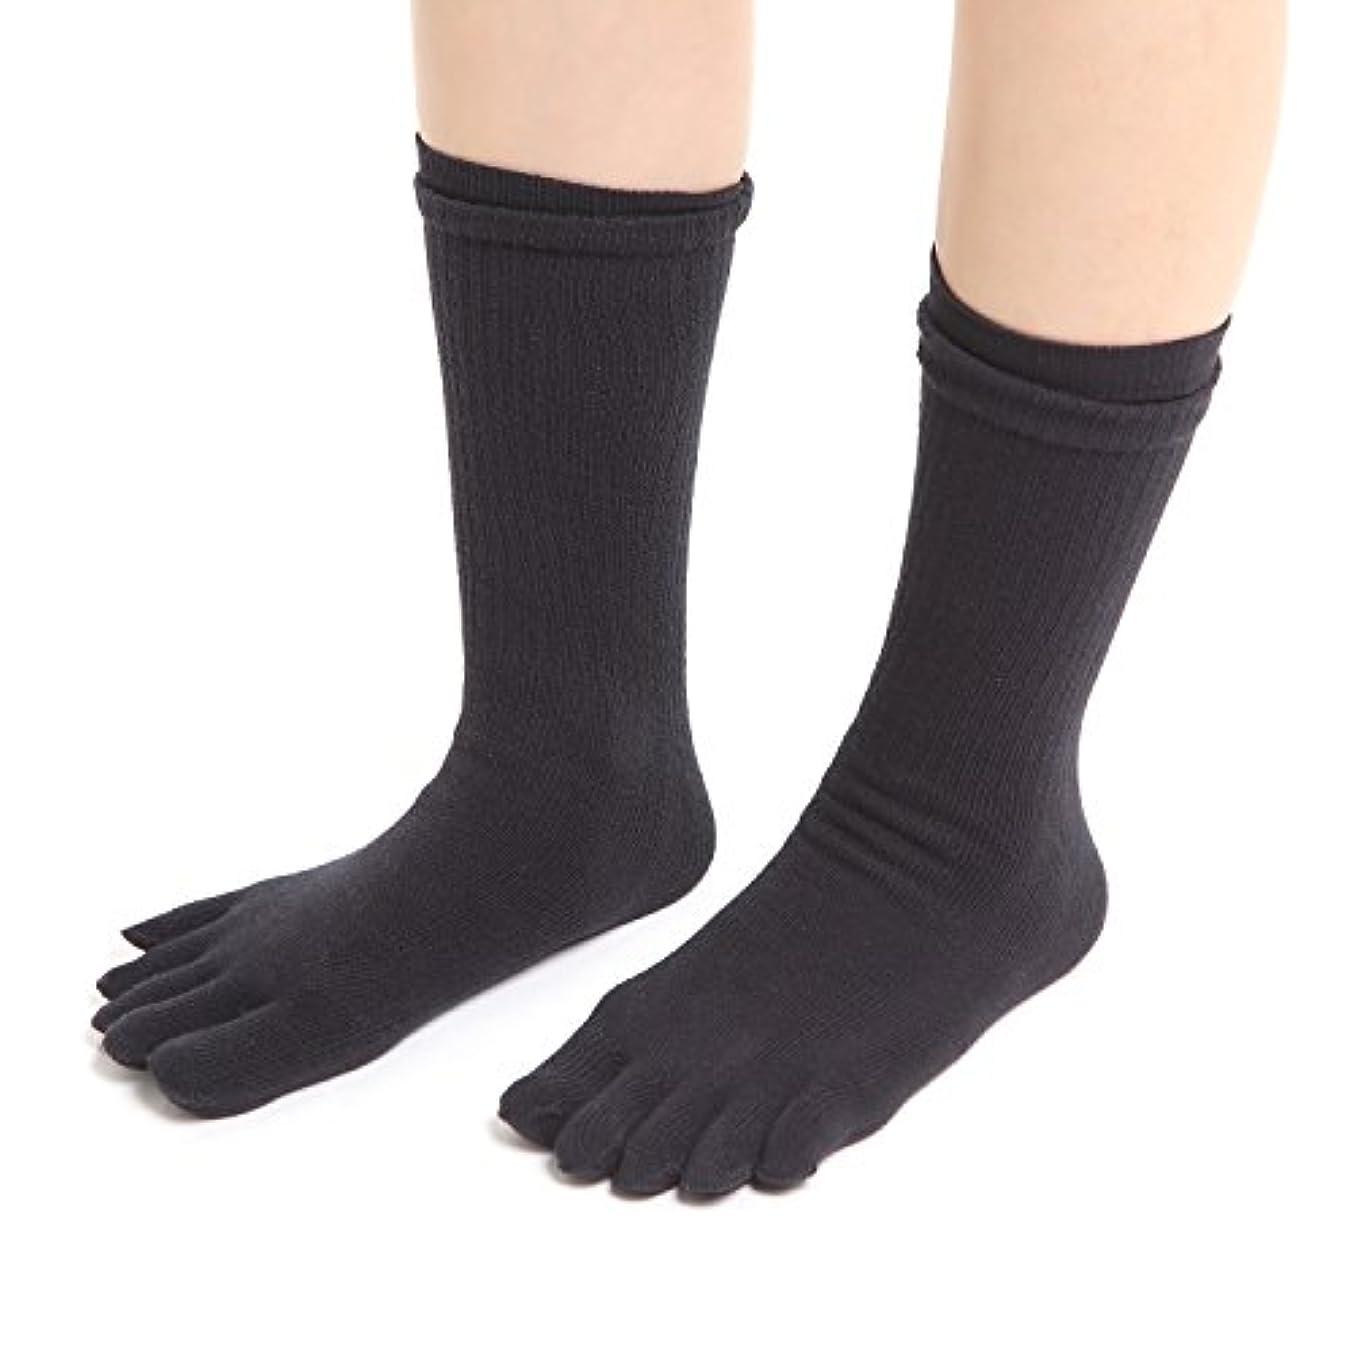 統合覚醒星NANA 初心者向け冷えとり靴下 内シルク外コットンソックス 2足セット 5本指ソックス フリーサイズ シルク (黒)